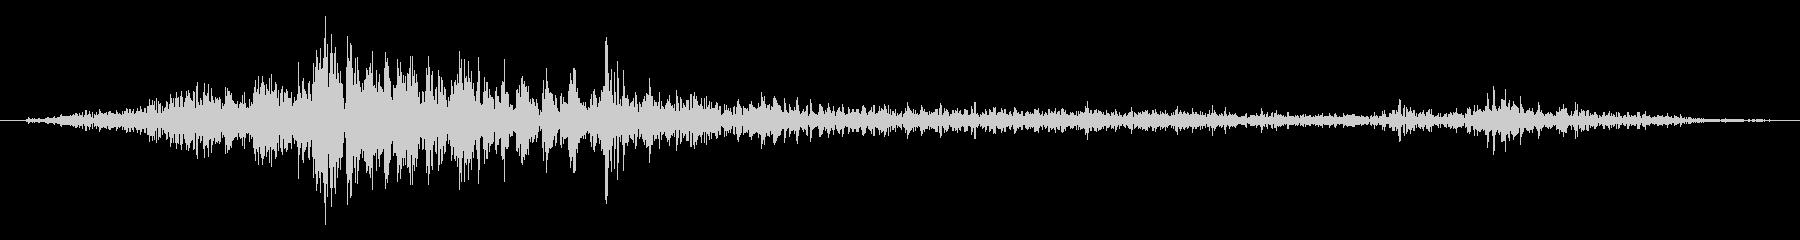 スモールメタル基底ウィンドウ:スラ...の未再生の波形